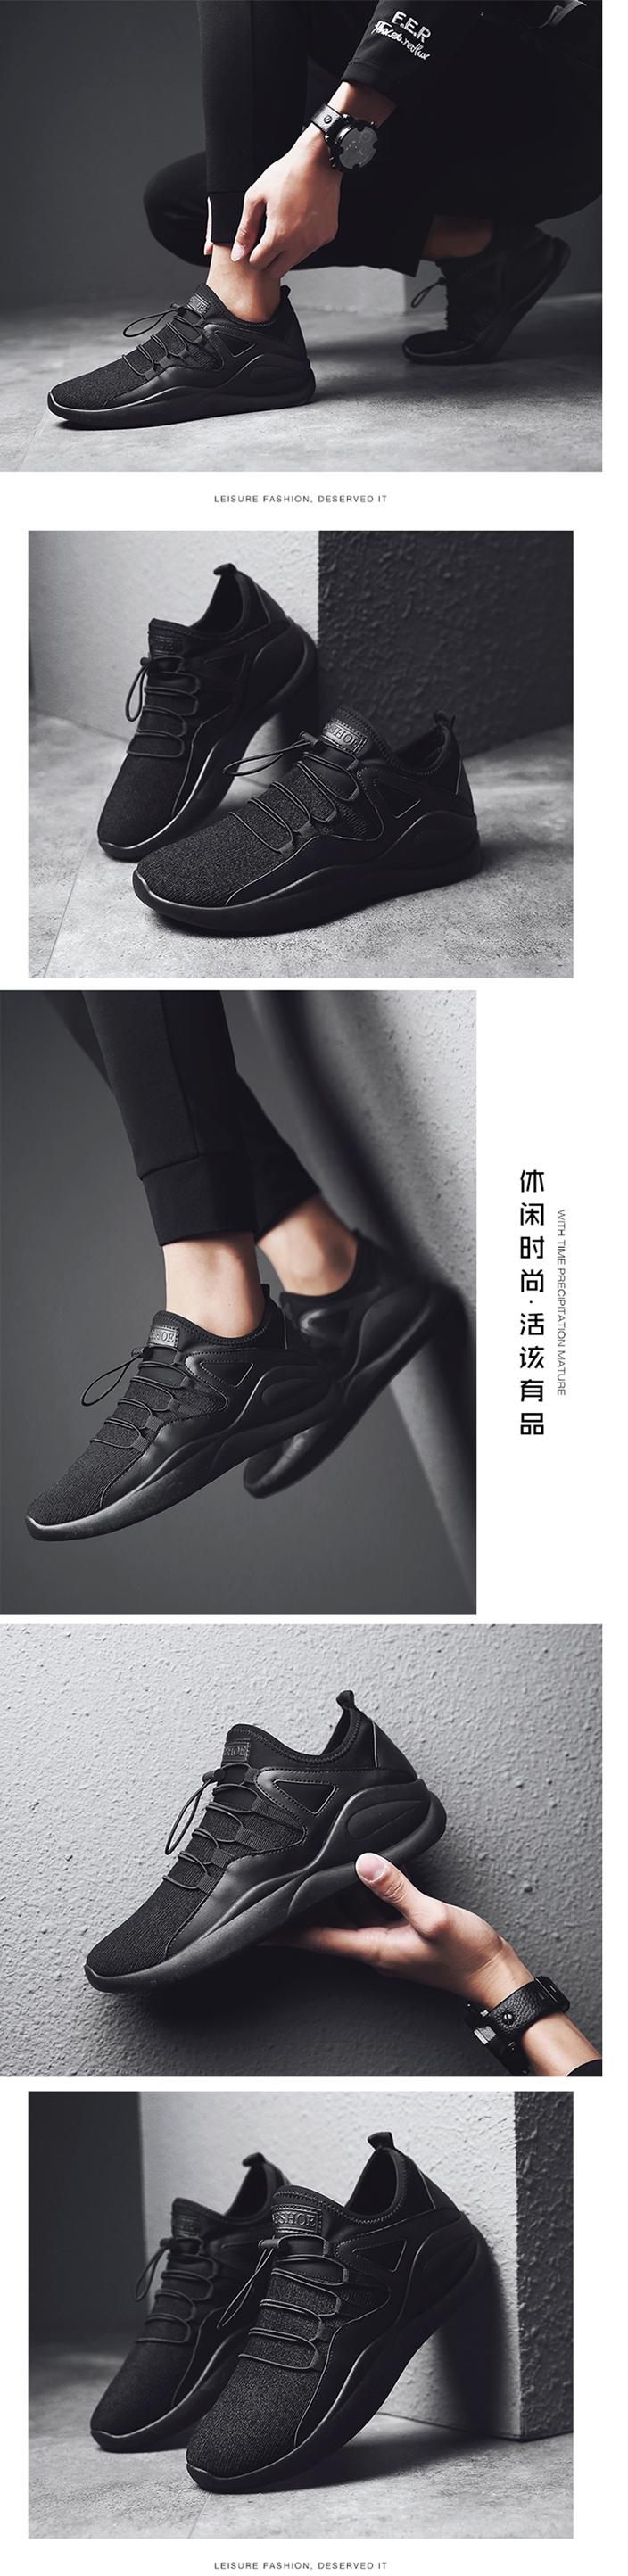 รองเท้าชาย รองเท้ากีฬาแฟชั่นระบายอากาศ